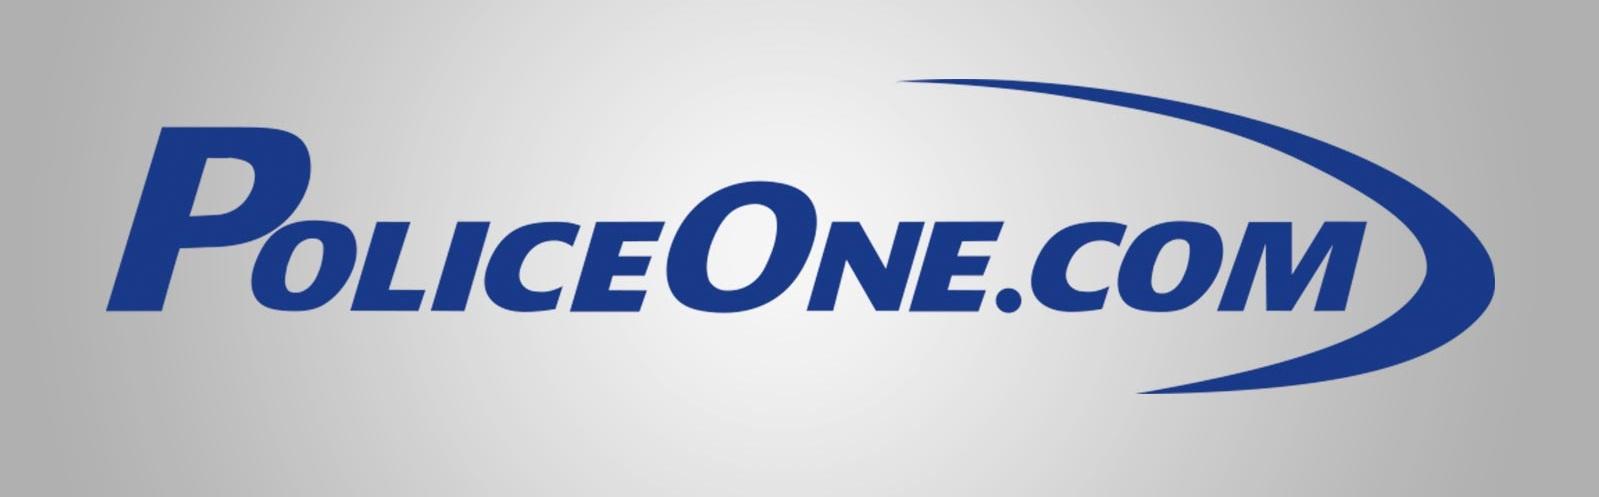 p1-logo.jpg